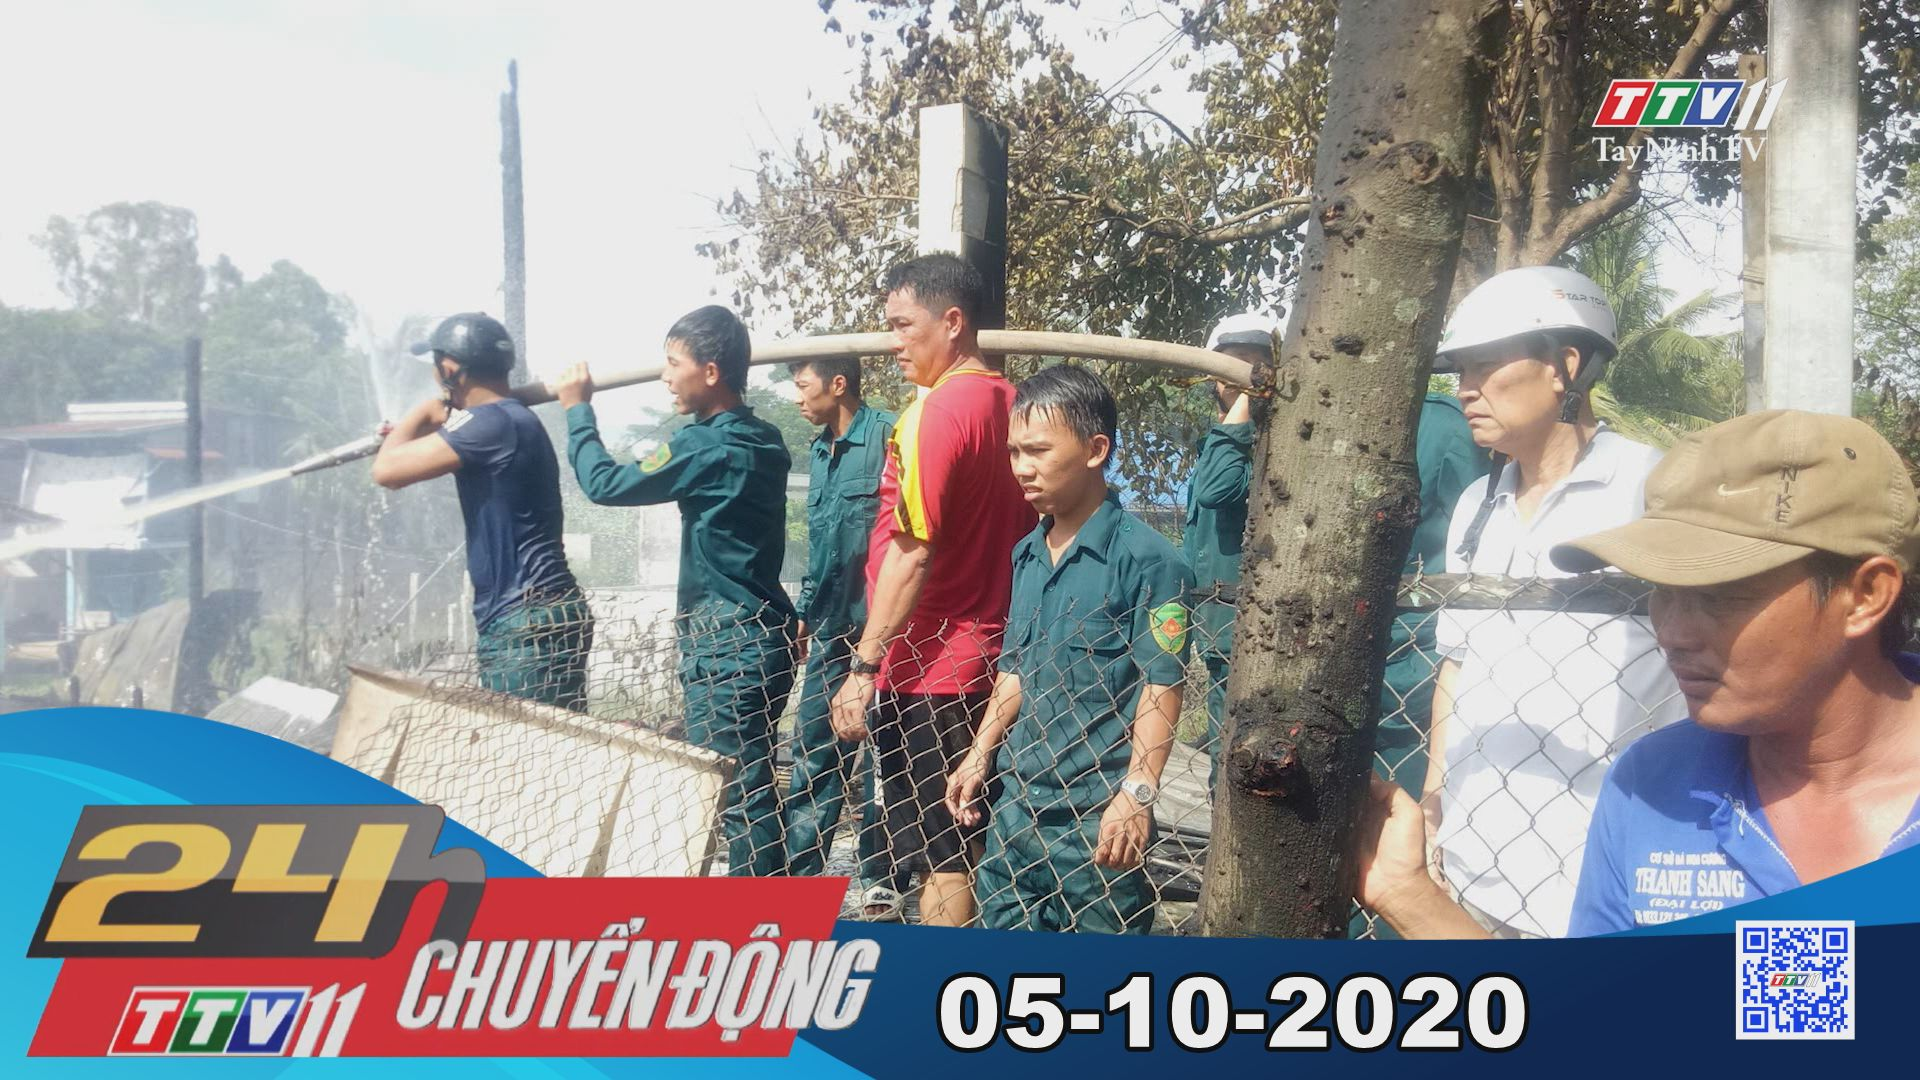 24h Chuyển động 05-10-2020 | Tin tức hôm nay | TayNinhTV